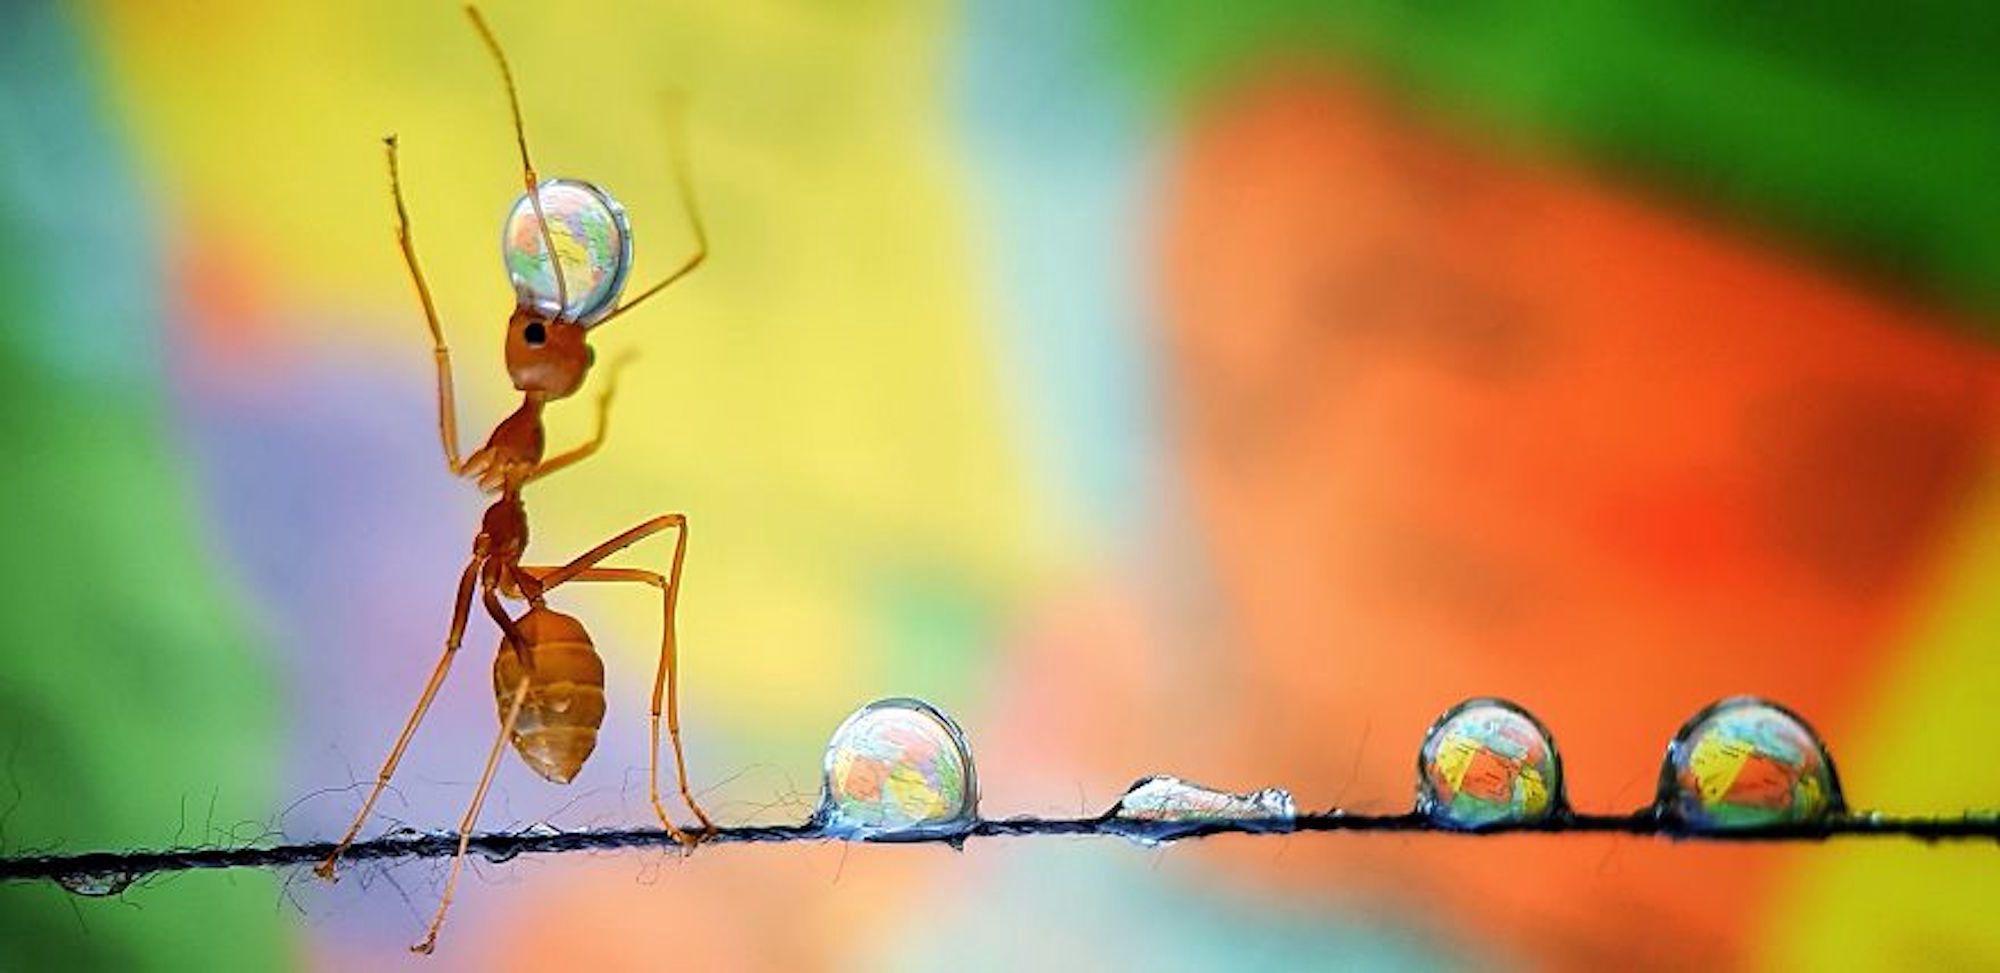 Formiga carregando gotas de água espalhadas em um fio